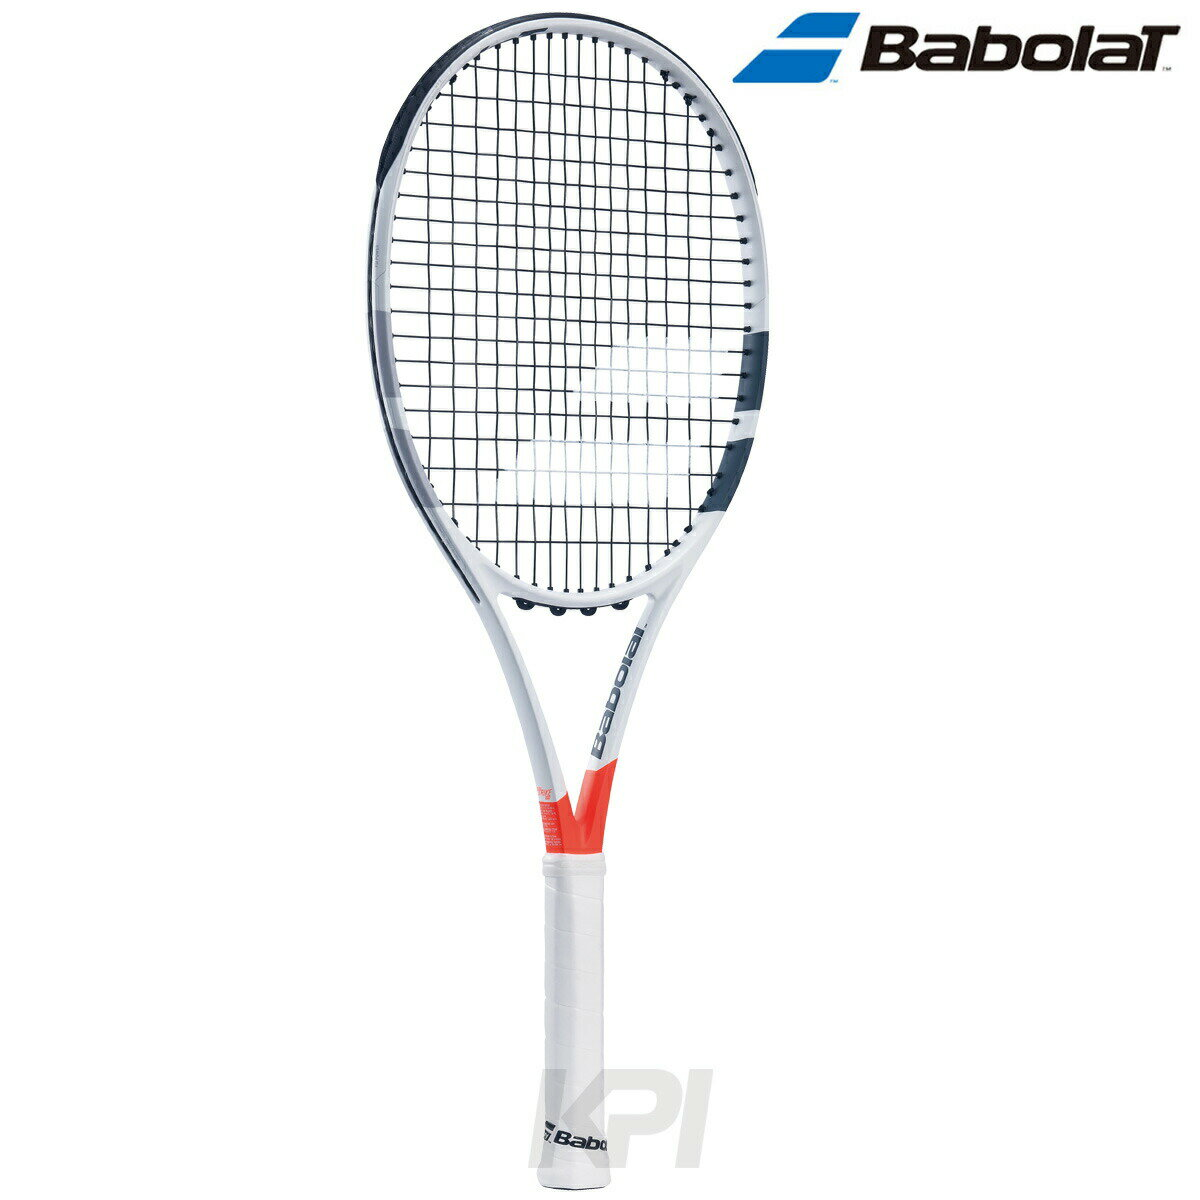 バボラ 【2016年10月発売】 (Babolat Pure Strike100) ピュアストライク100 [☆nc] 2017 (海外正規品) (300g) 101284/101316